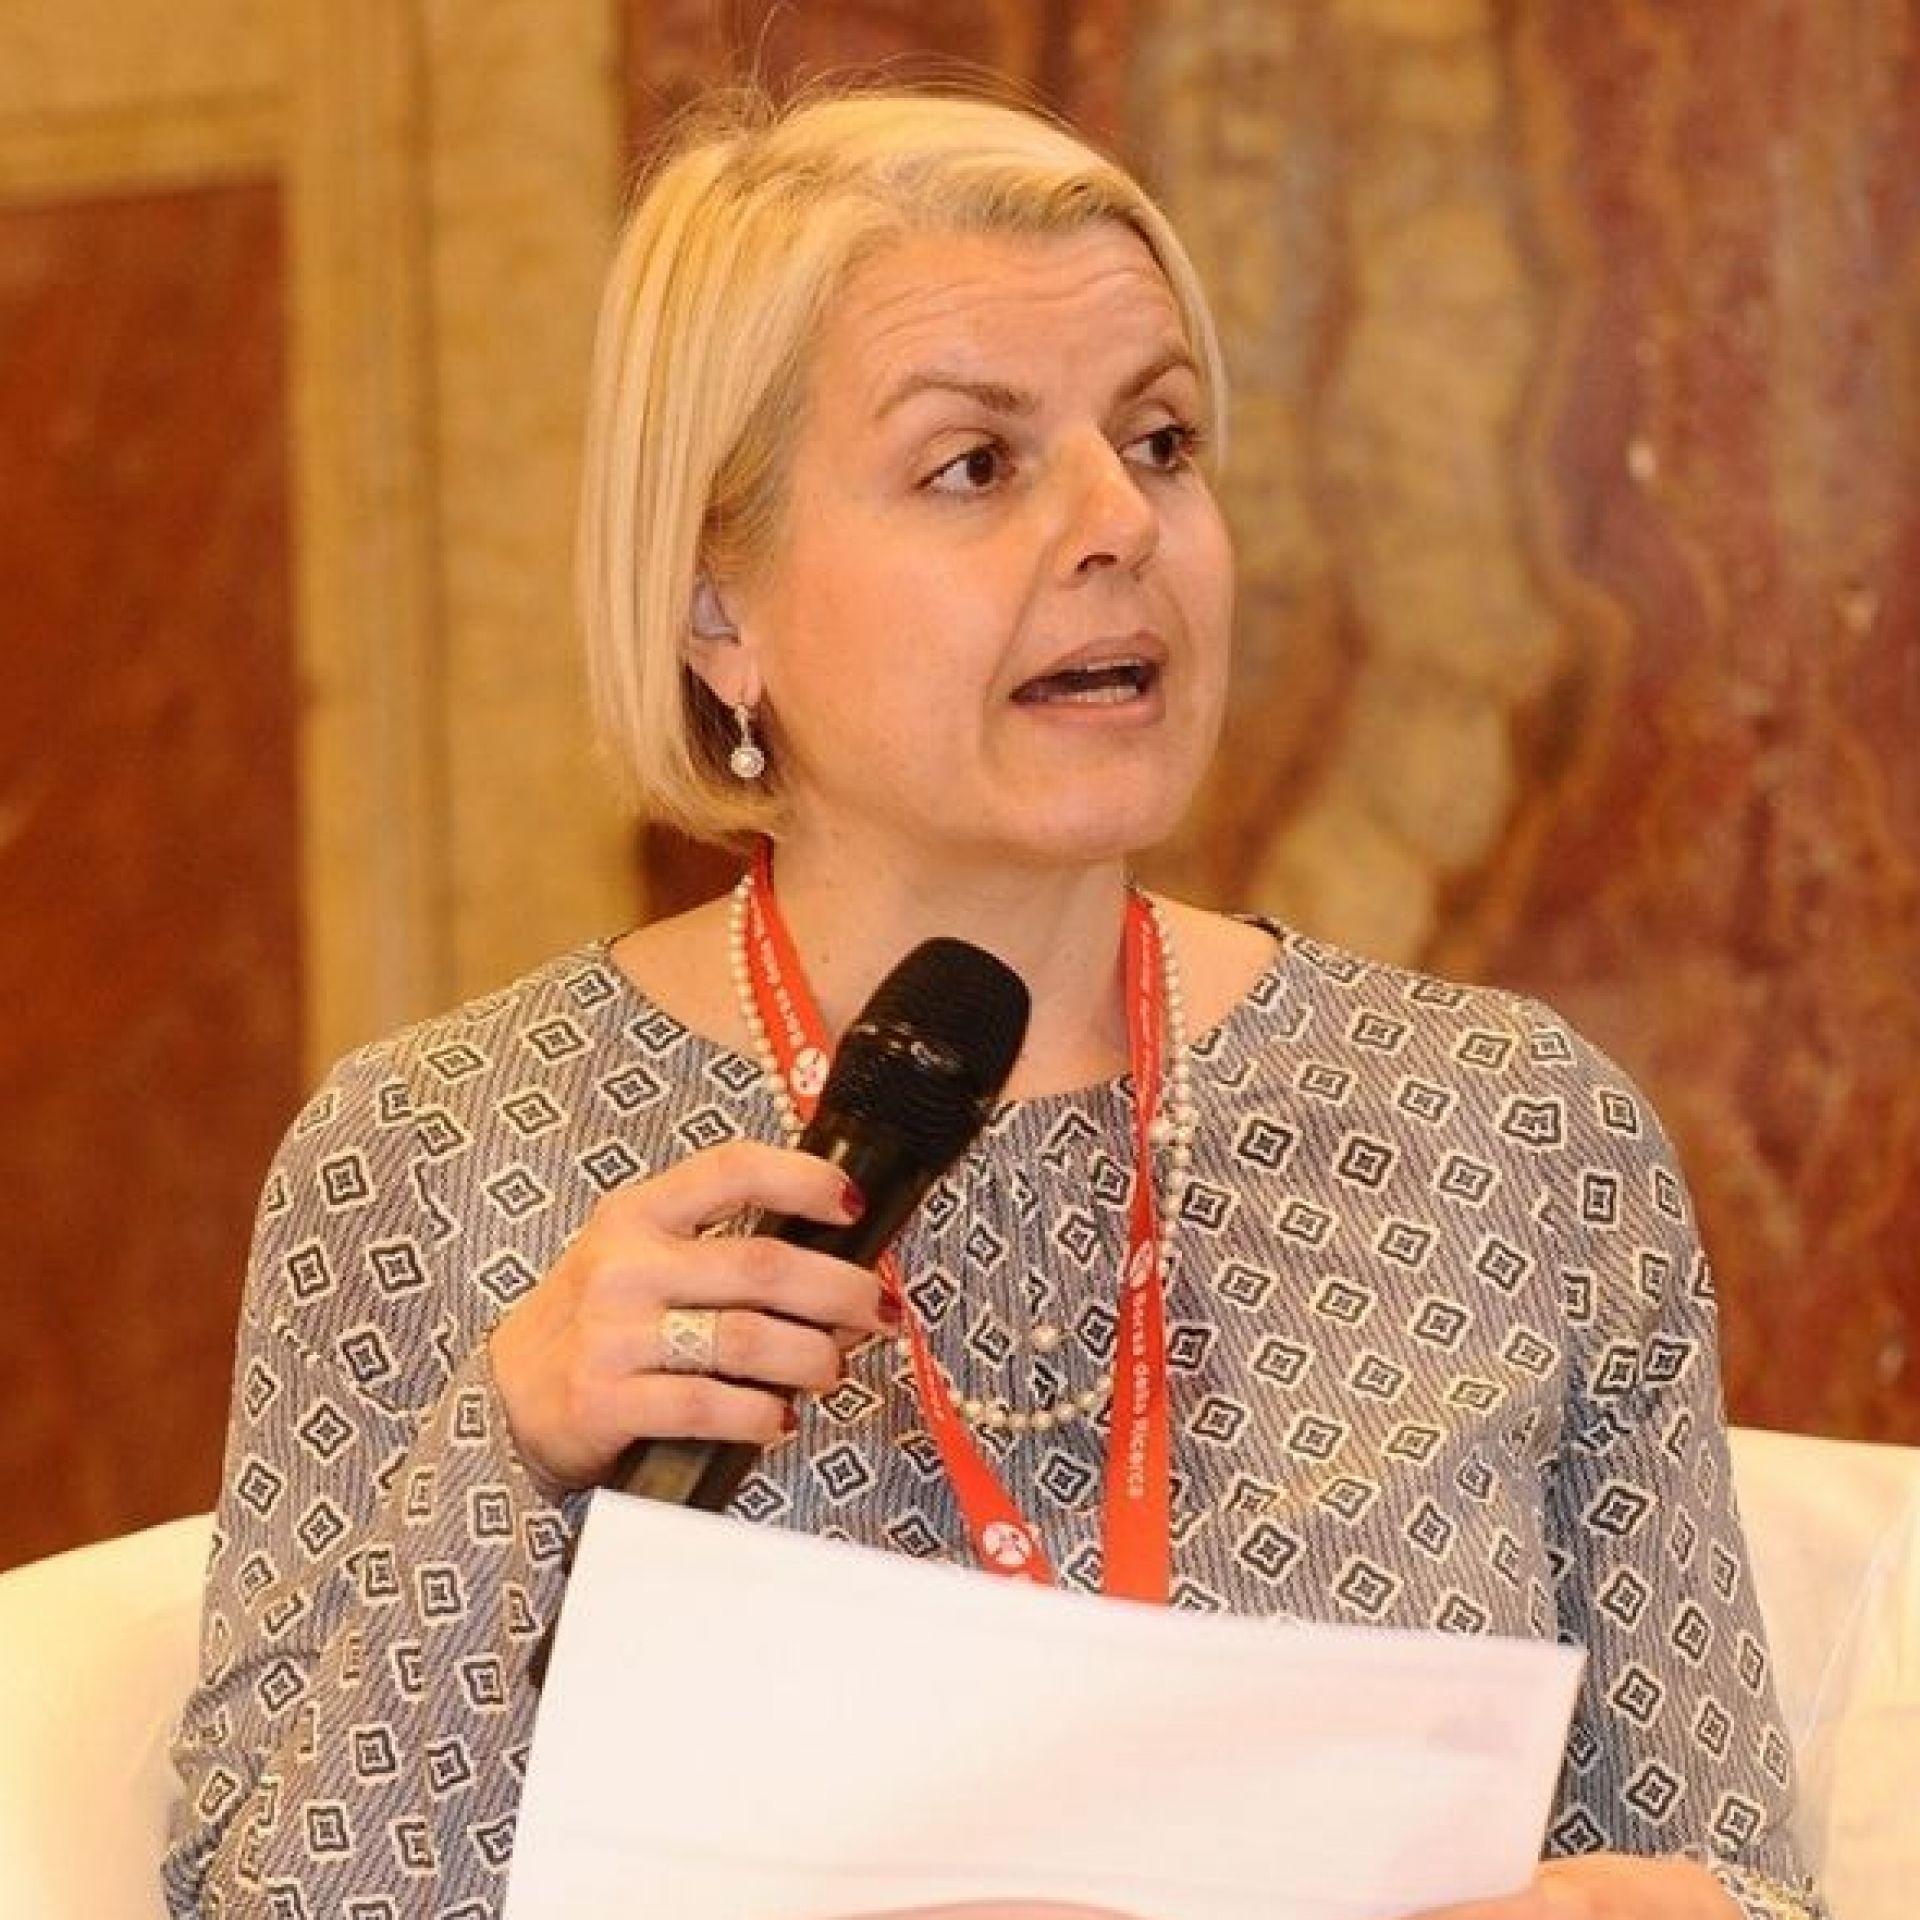 Sabrina Luccarini